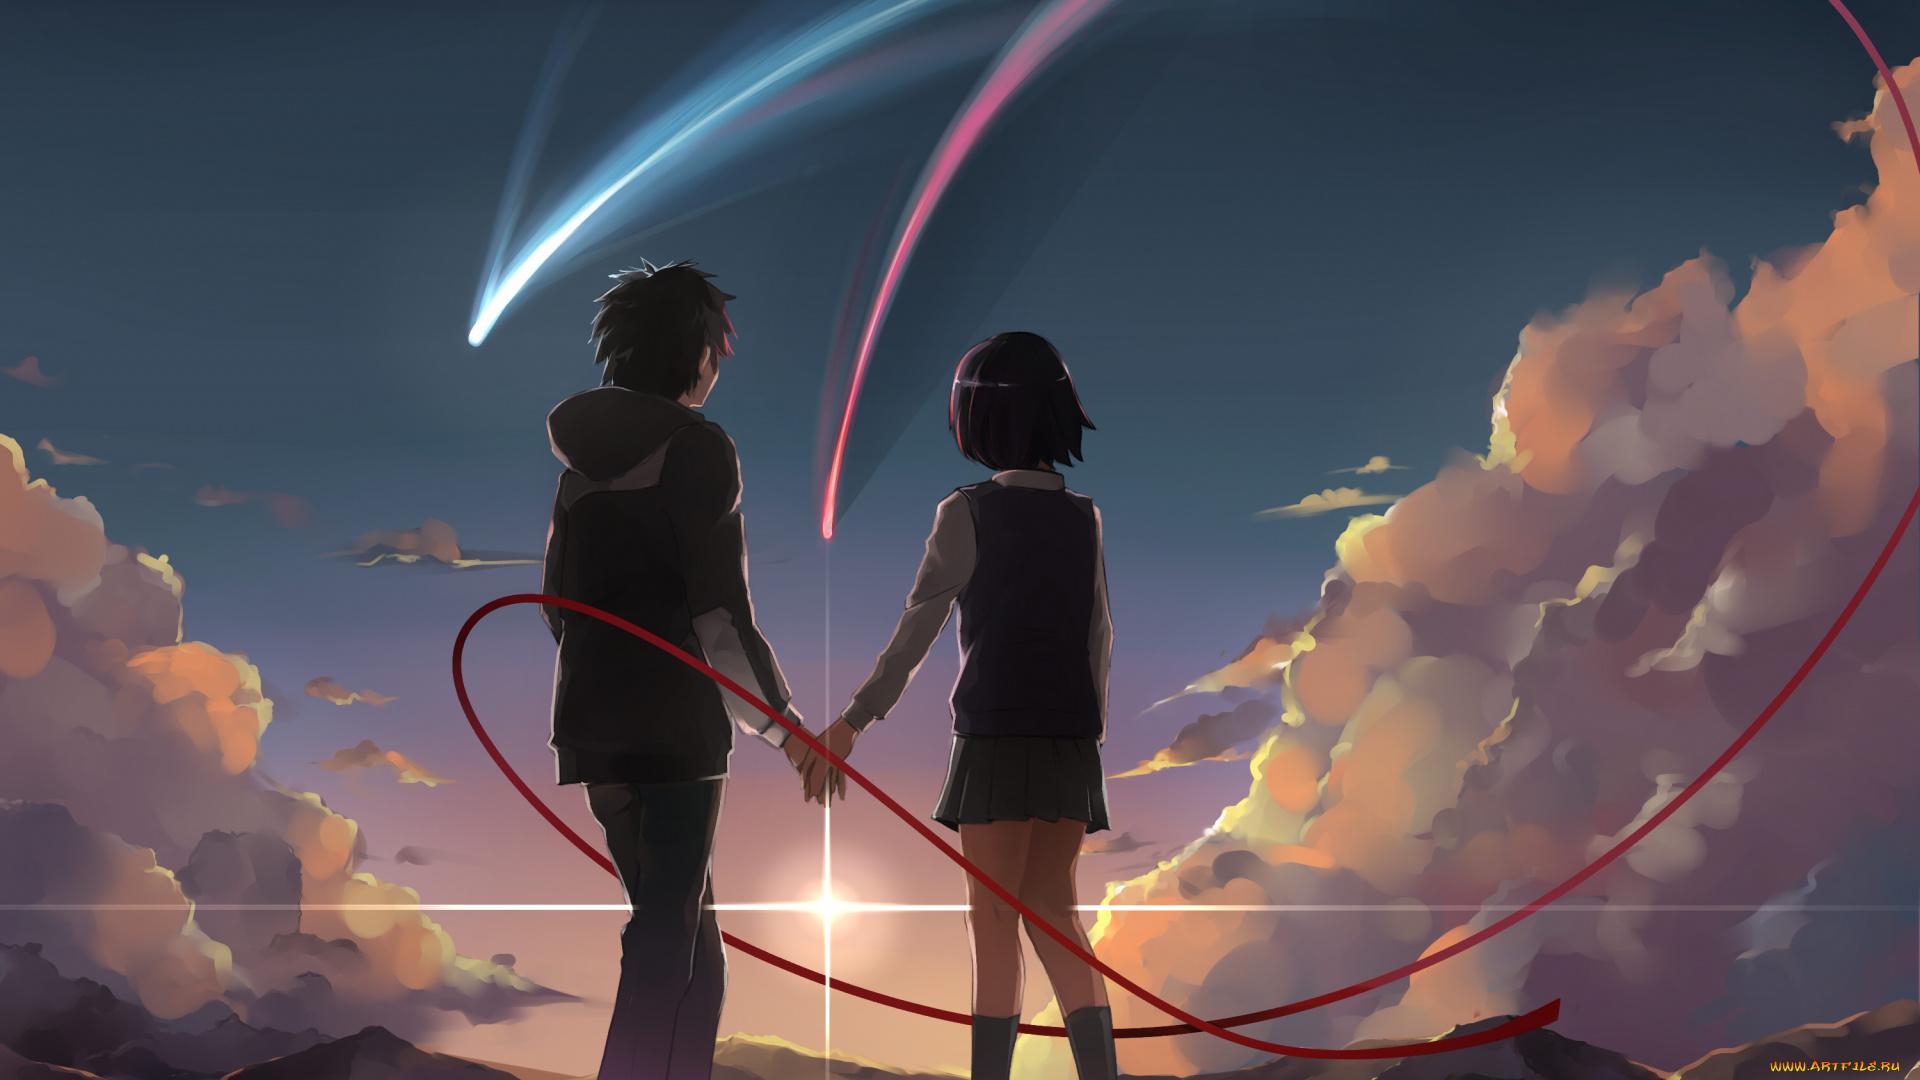 Картинки для пары на фон телефона аниме